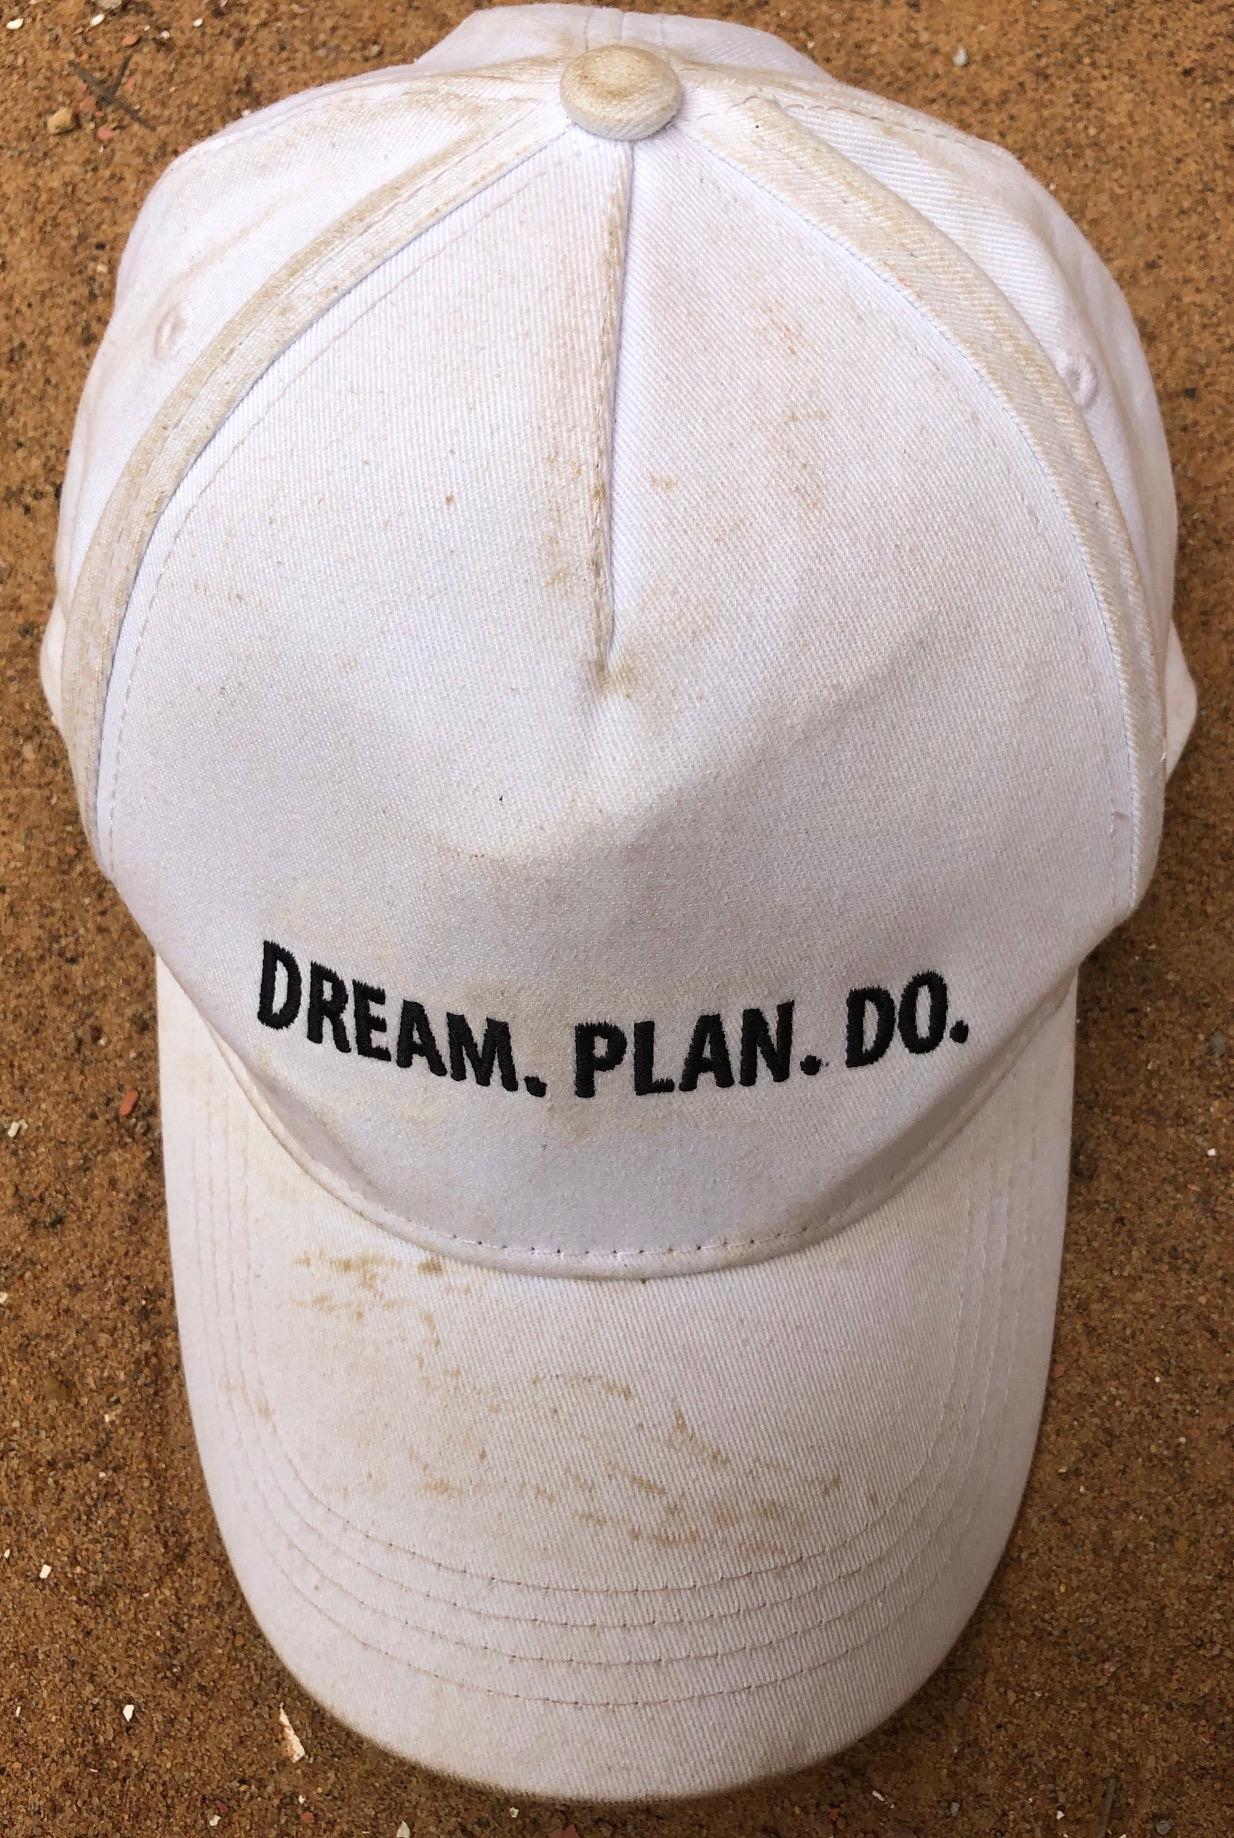 Dream. Plan.Do.